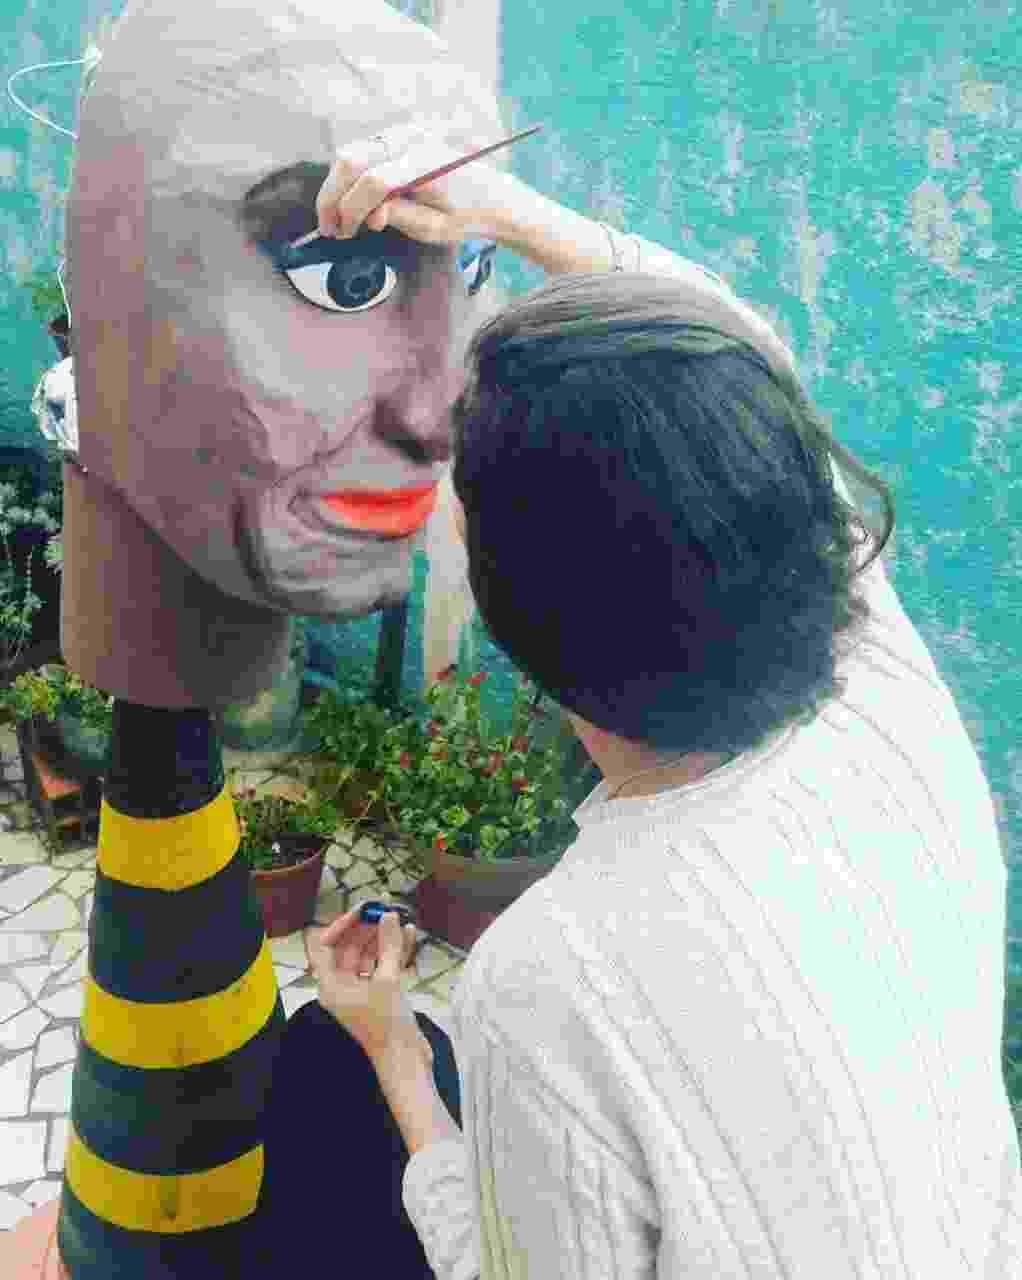 """boneca gigante, com mais de dois metros de altura, vai desfilar nos principais blocos de rua de São Paulo, estampando na roupa a frase """"Fervo também é luta"""" - Acervo Pessoal/Mônica Estela"""